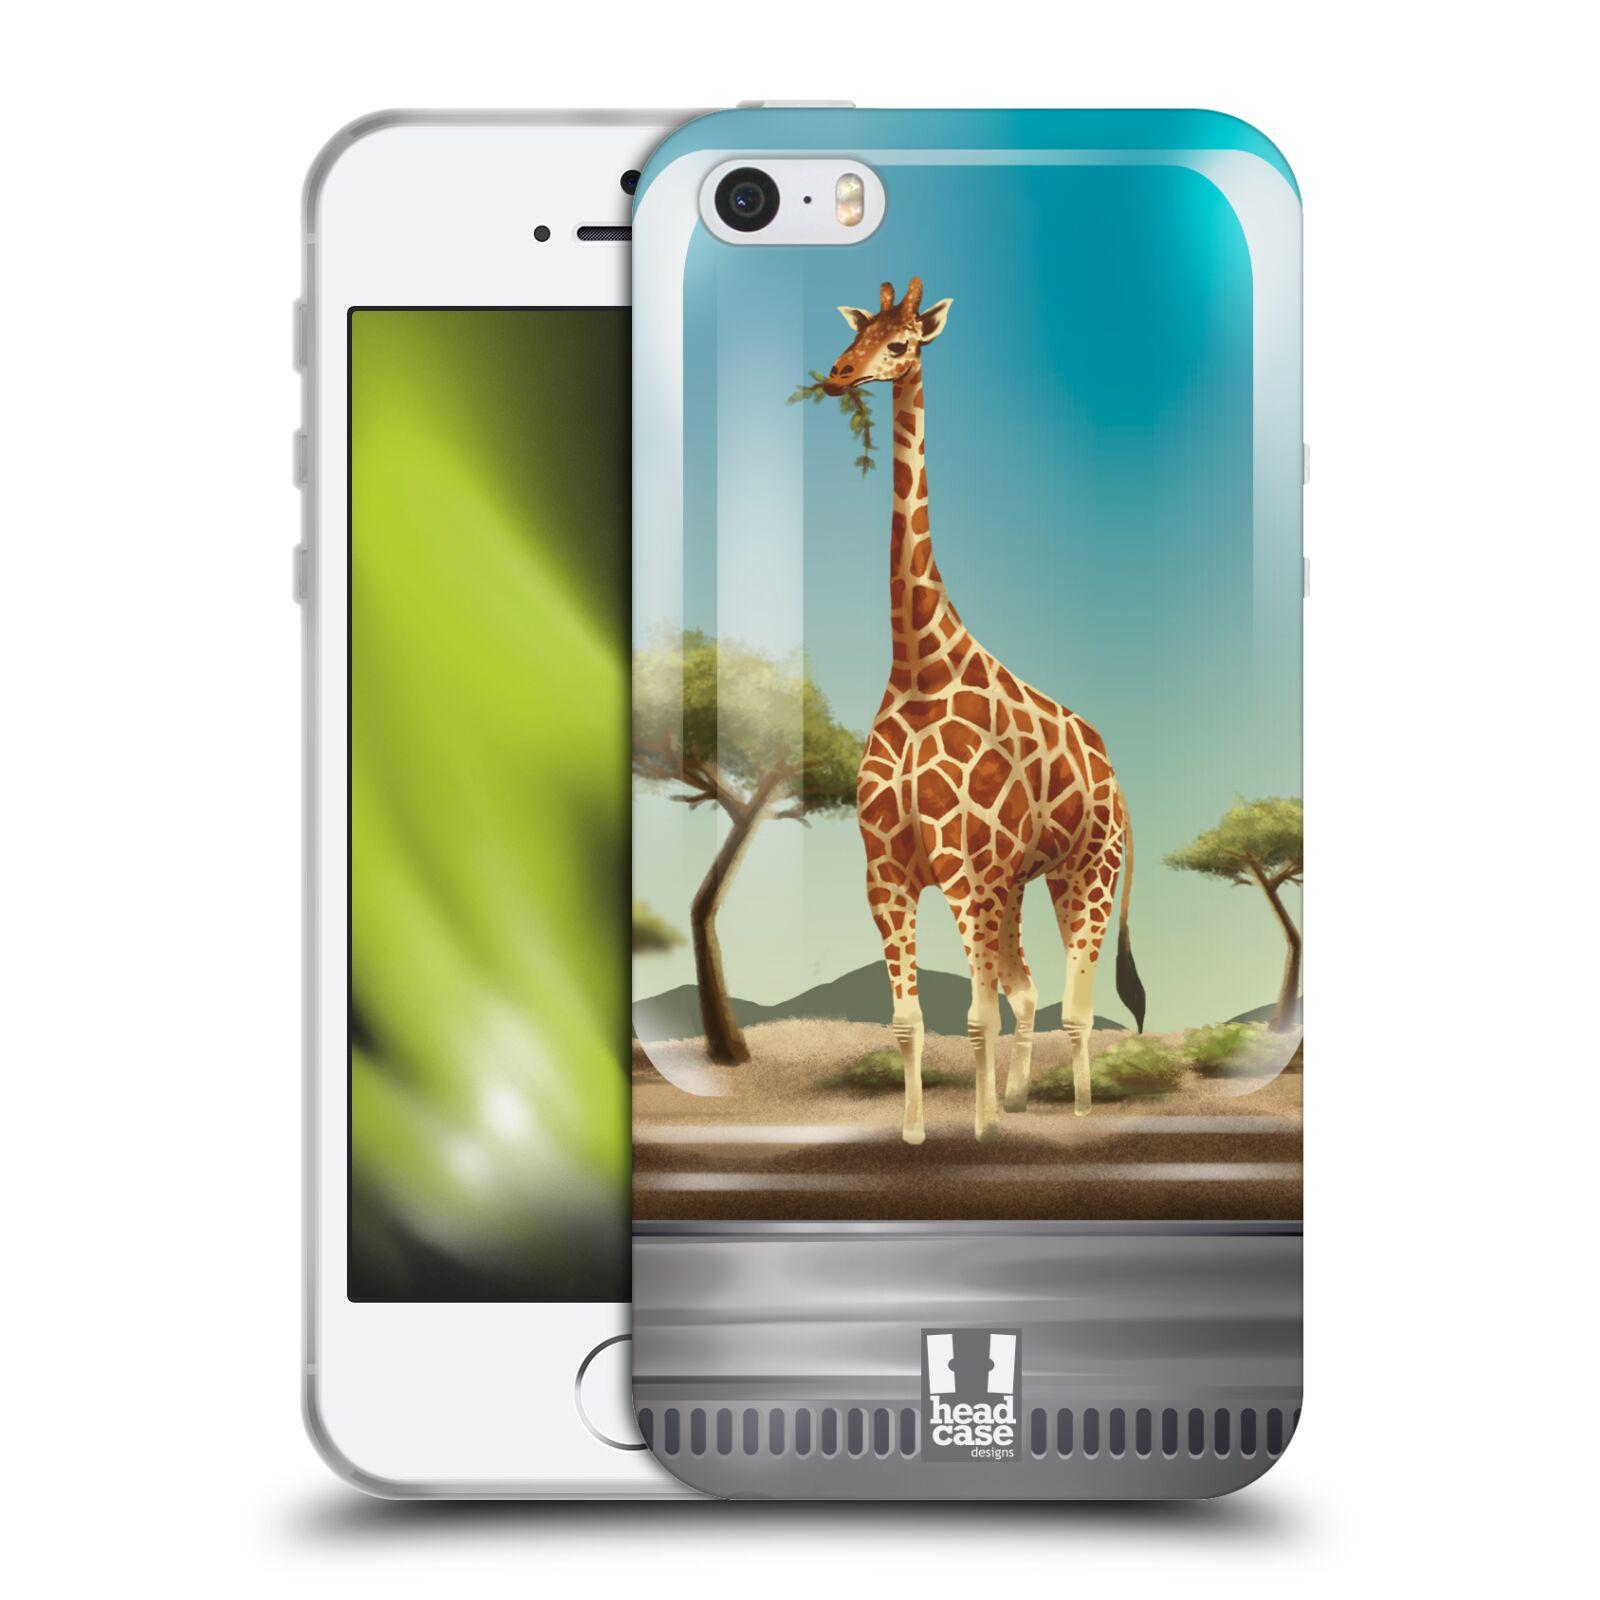 HEAD CASE silikonový obal na mobil Apple Iphone 5/5S vzor Zvířátka v těžítku žirafa